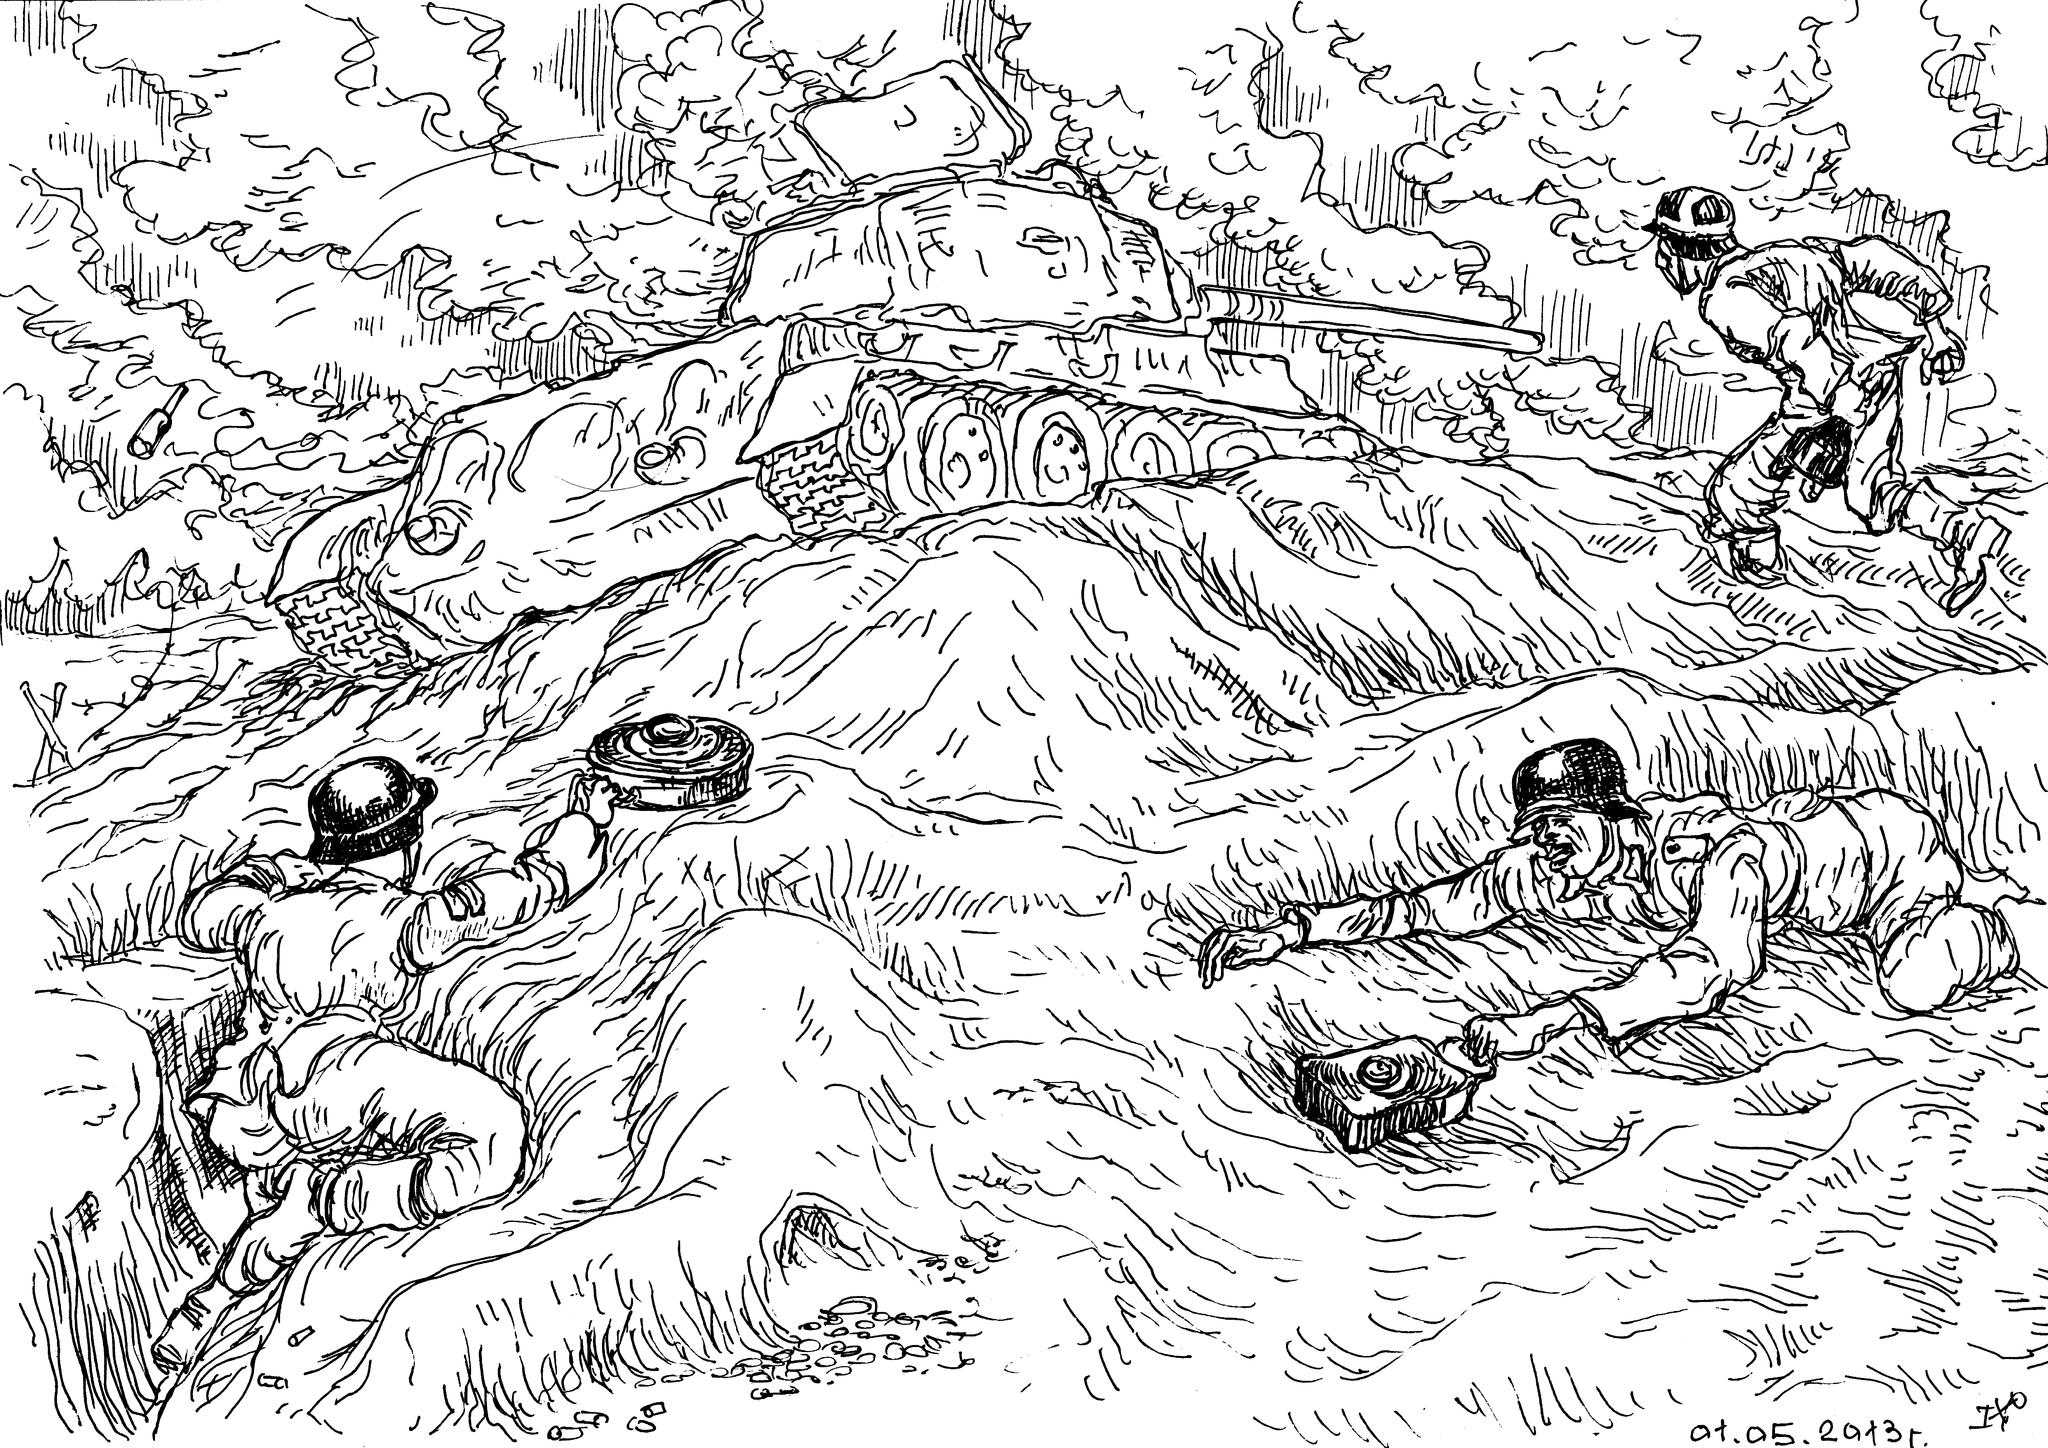 Сапёры Вермахта во время атаки советских войск на позиции немецкой пехоты уничтожали танки